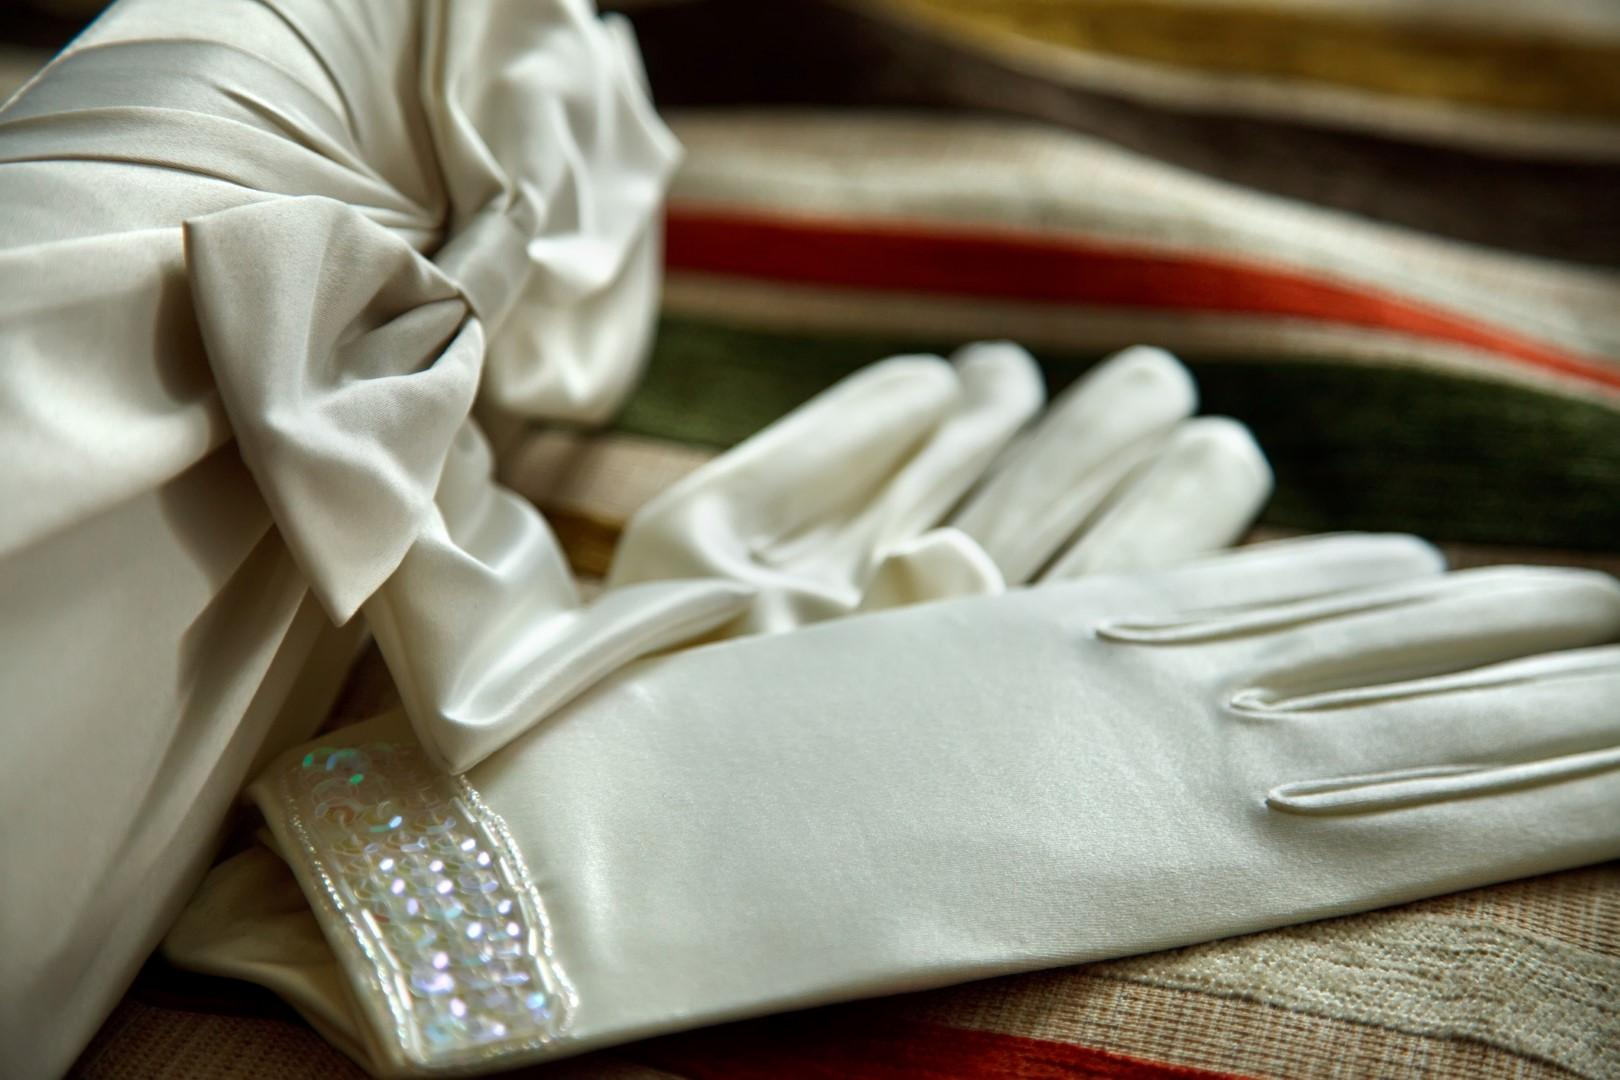 9ce0dbc9763f Guanti  un tocco di raffinatezza sull abito da sposa - Tgcom24